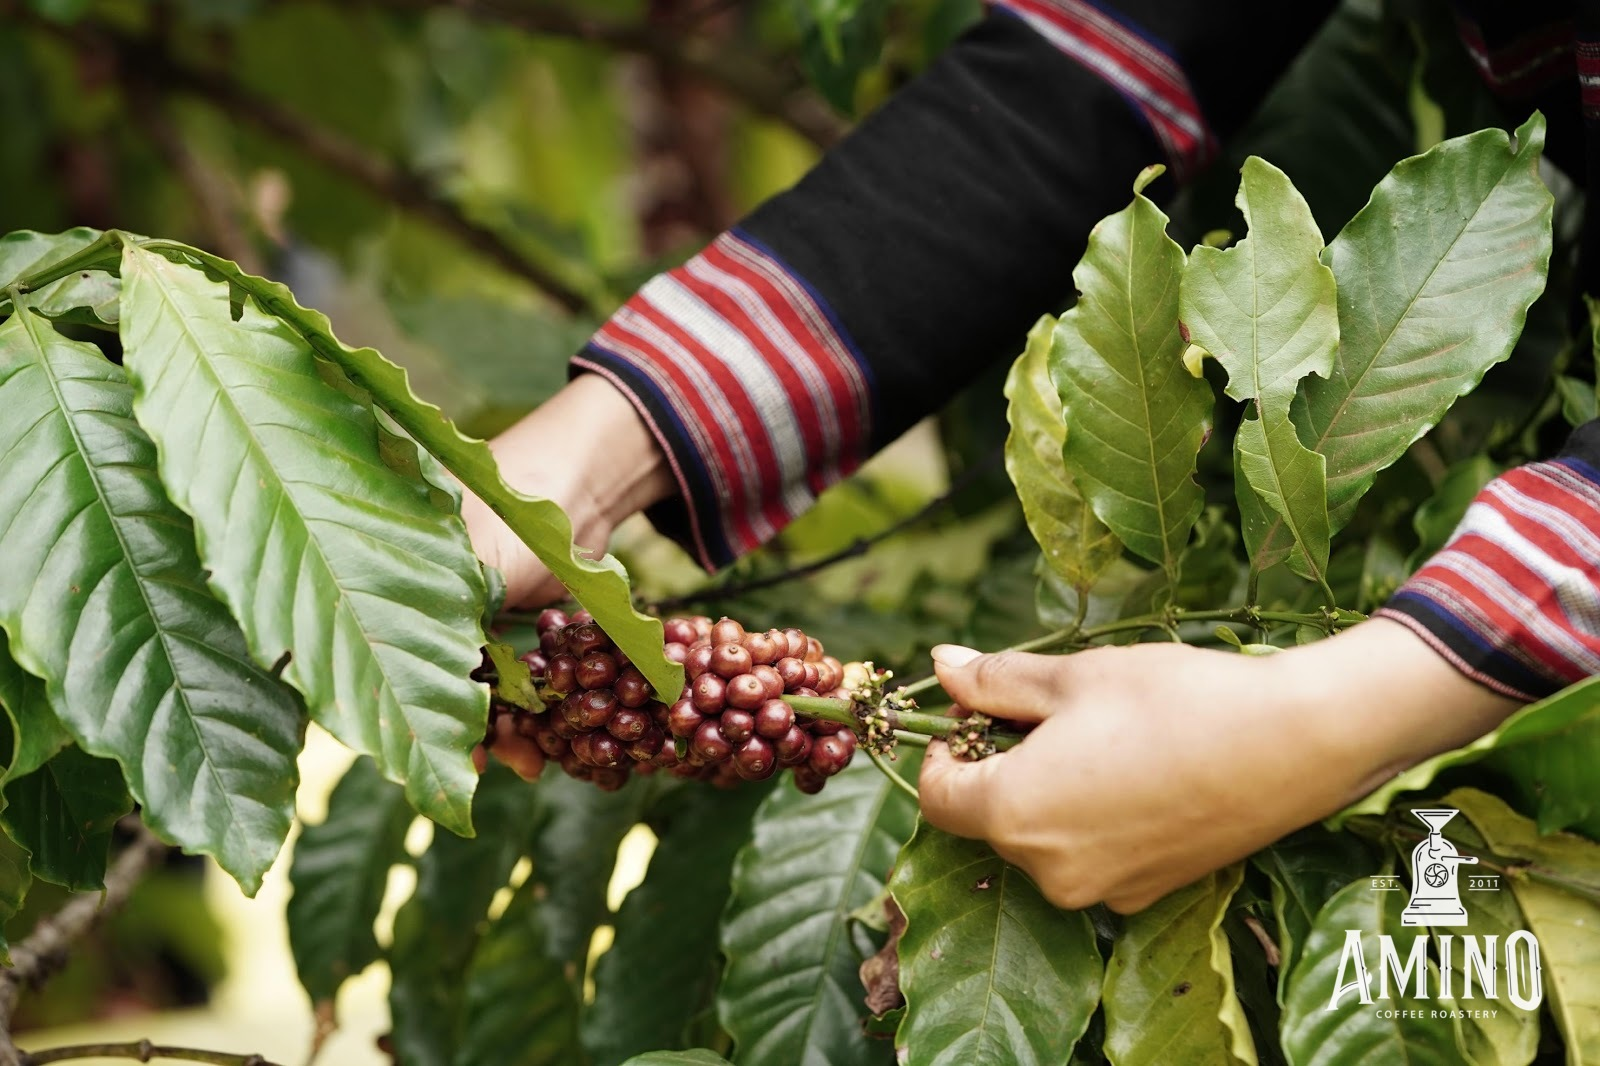 Hình ảnh quá trình thu hái quả cà phê